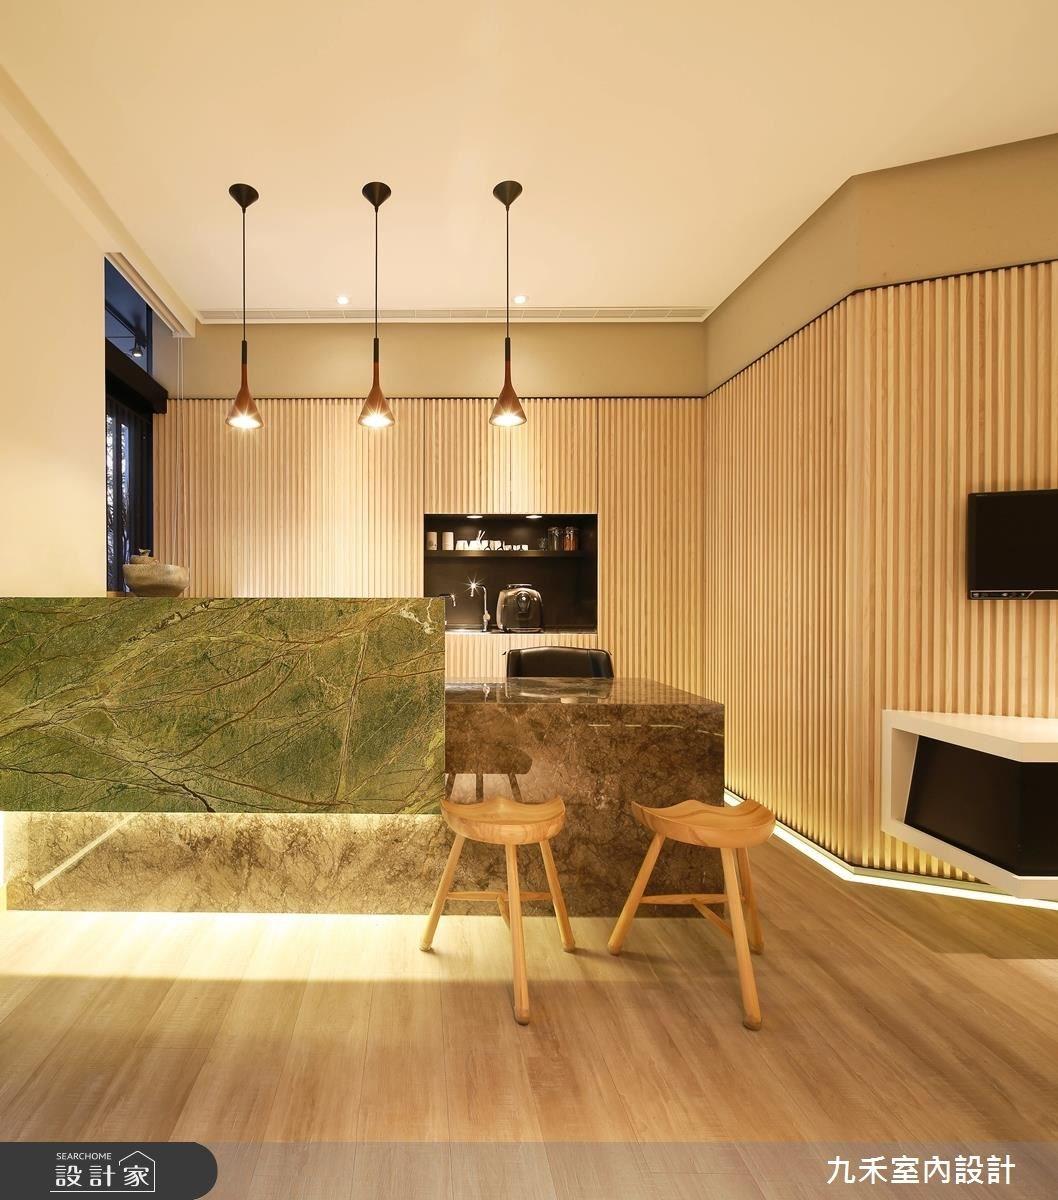 28坪新成屋(5年以下)_人文禪風商業空間案例圖片_九禾室內設計_九禾_12之3